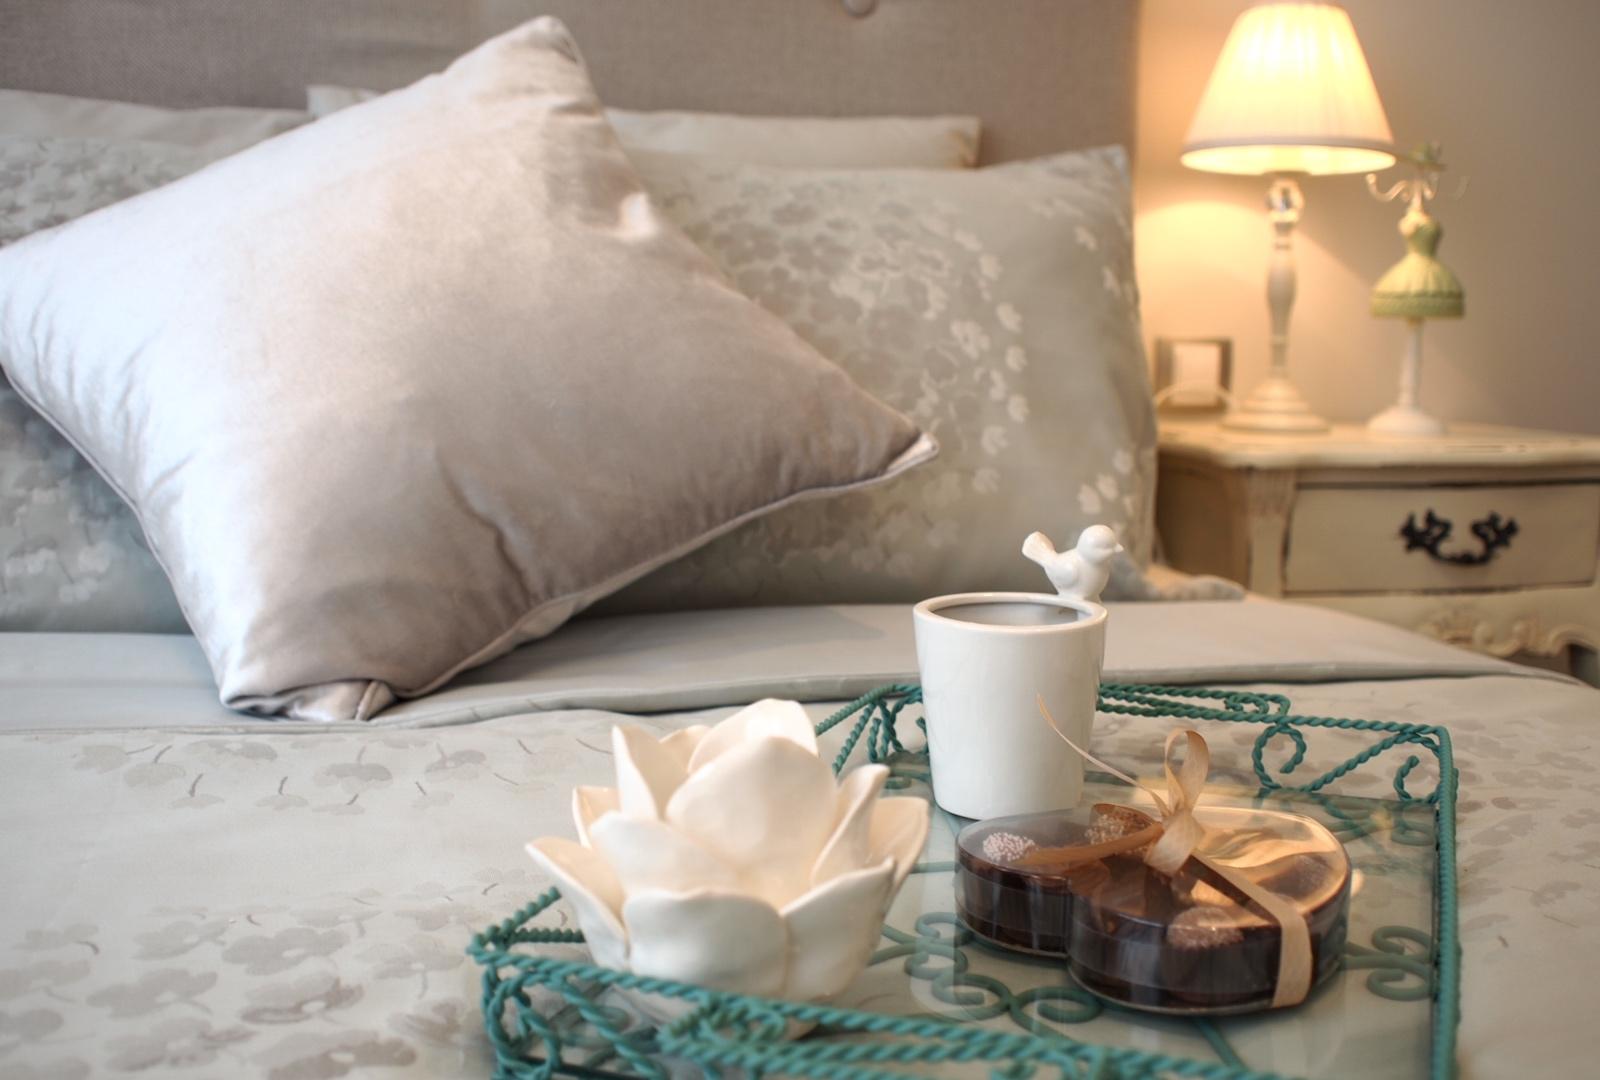 Първокачественото спално бельо е задължително за луксозна спалня